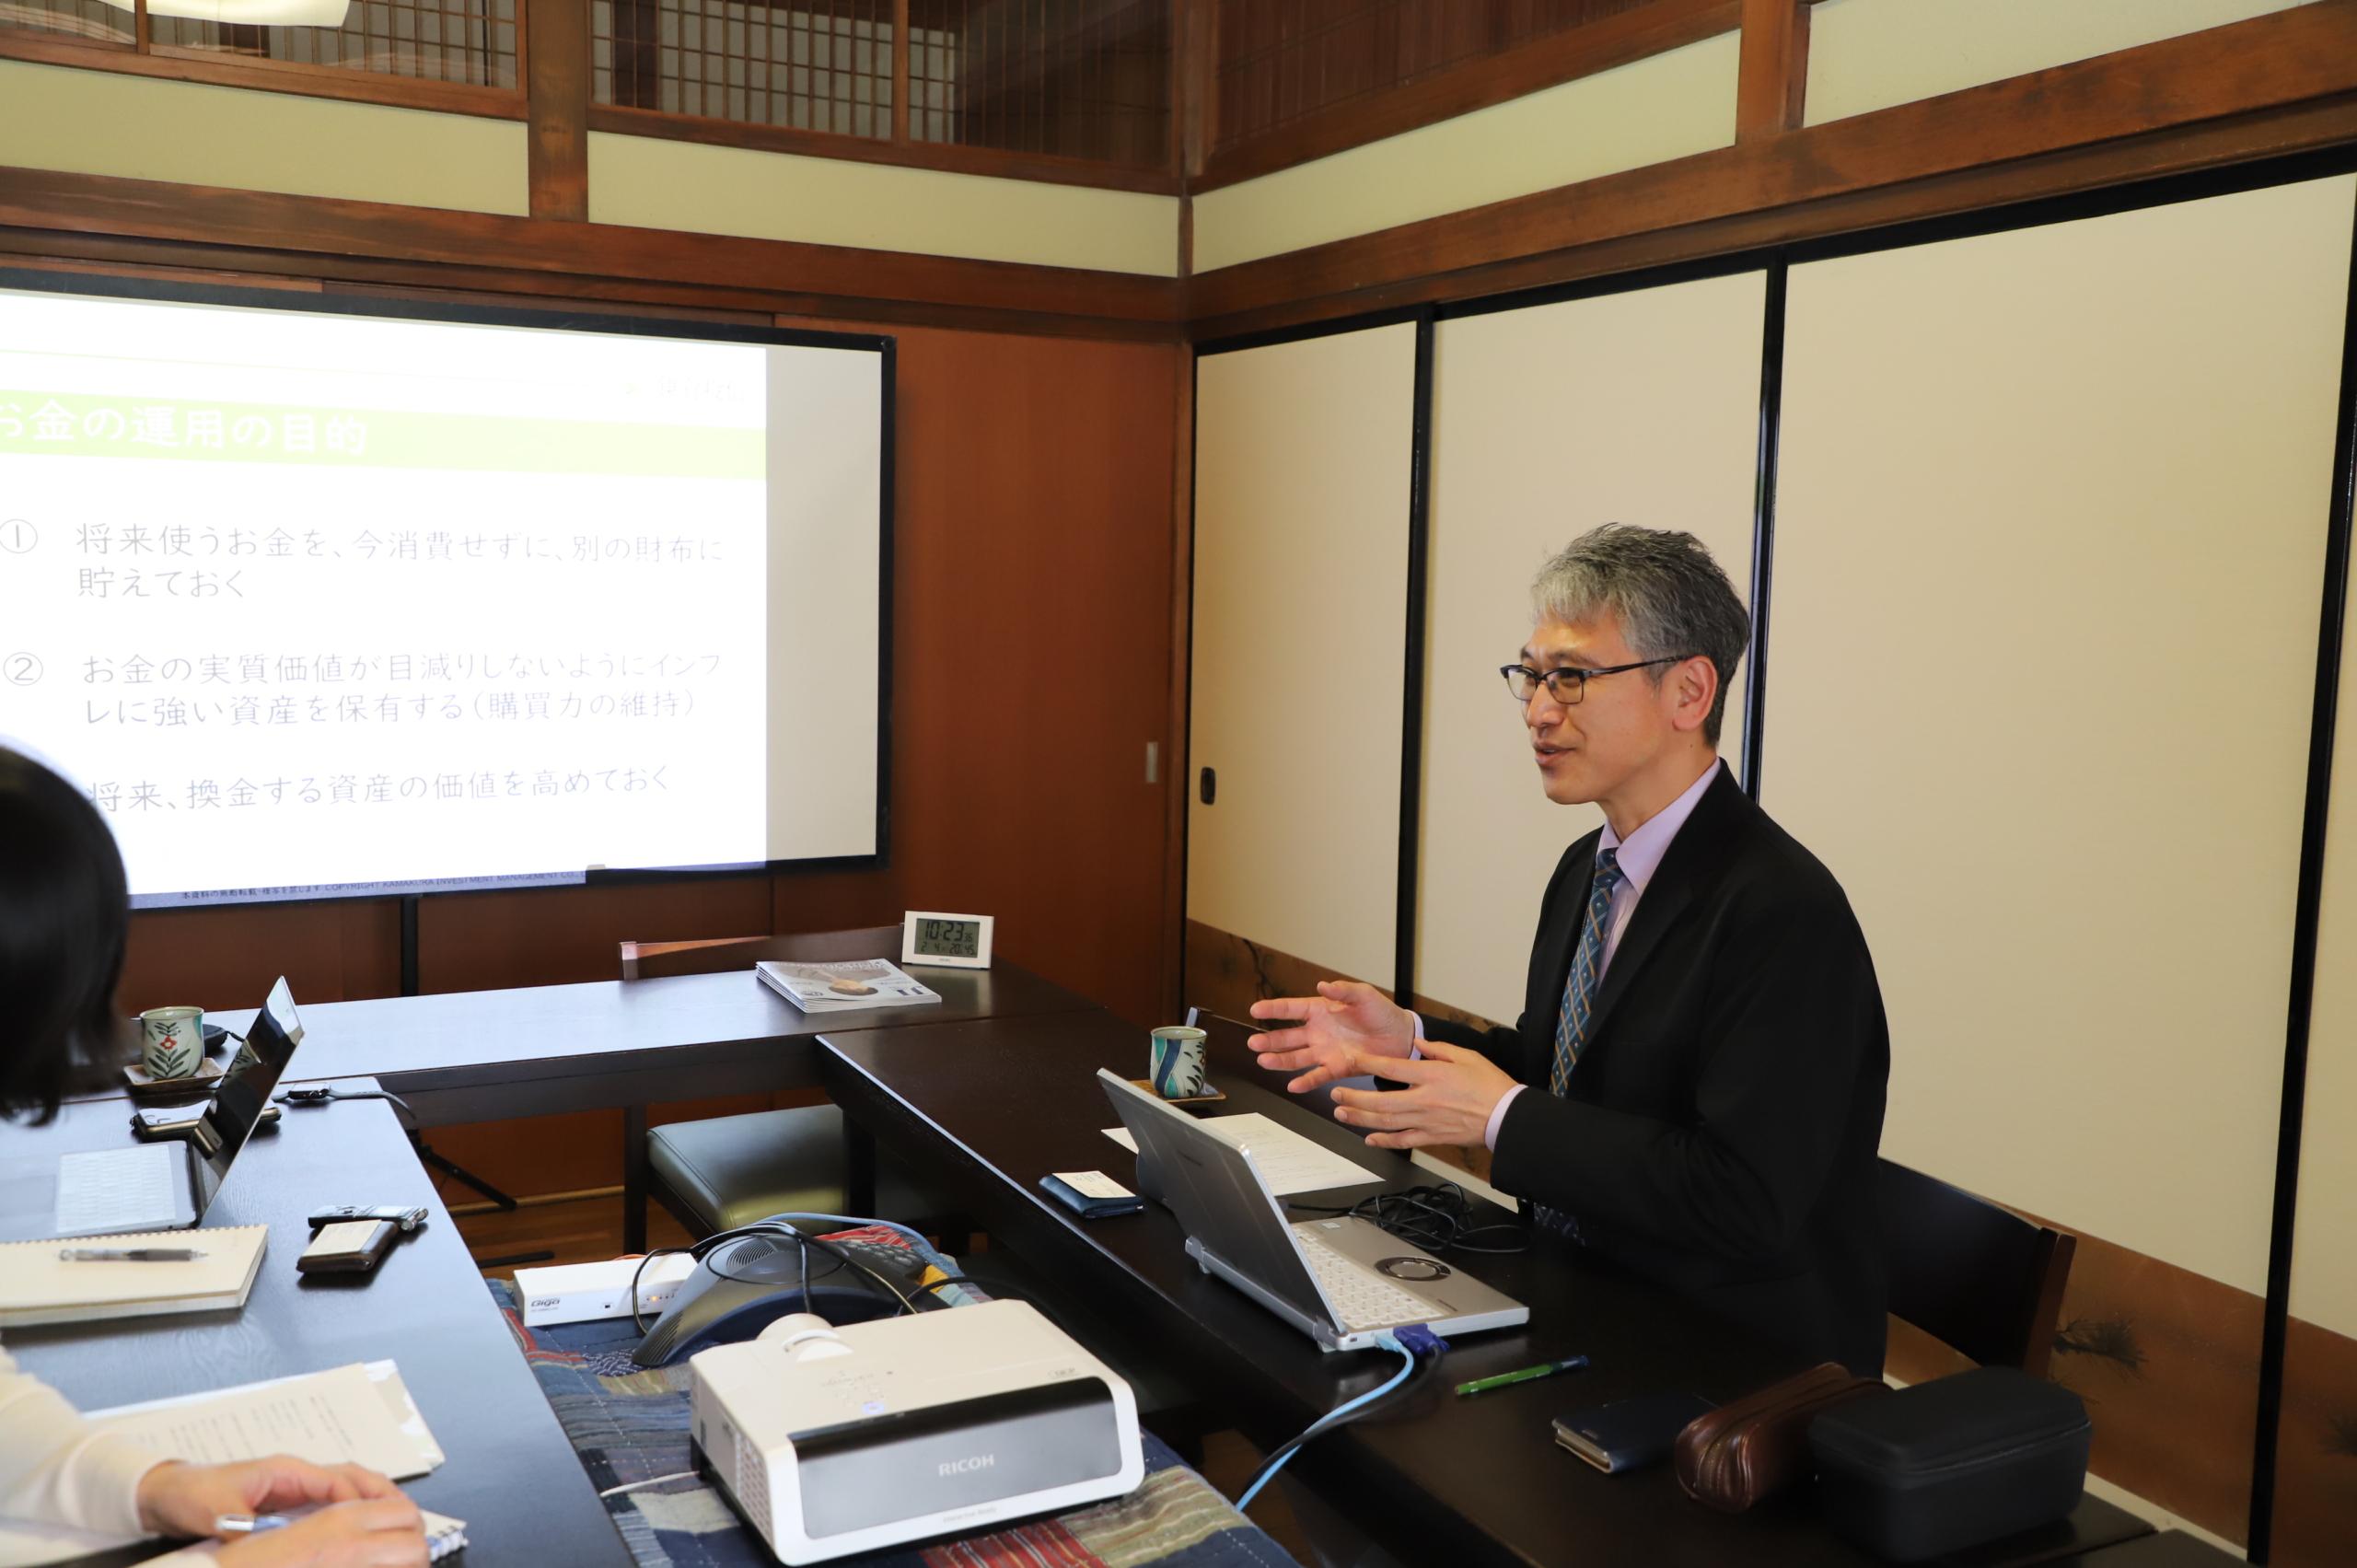 鎌倉投信が目指すのは、「投資家の資産形成(経済性)と社会の持続的発展(社会性)の両立」